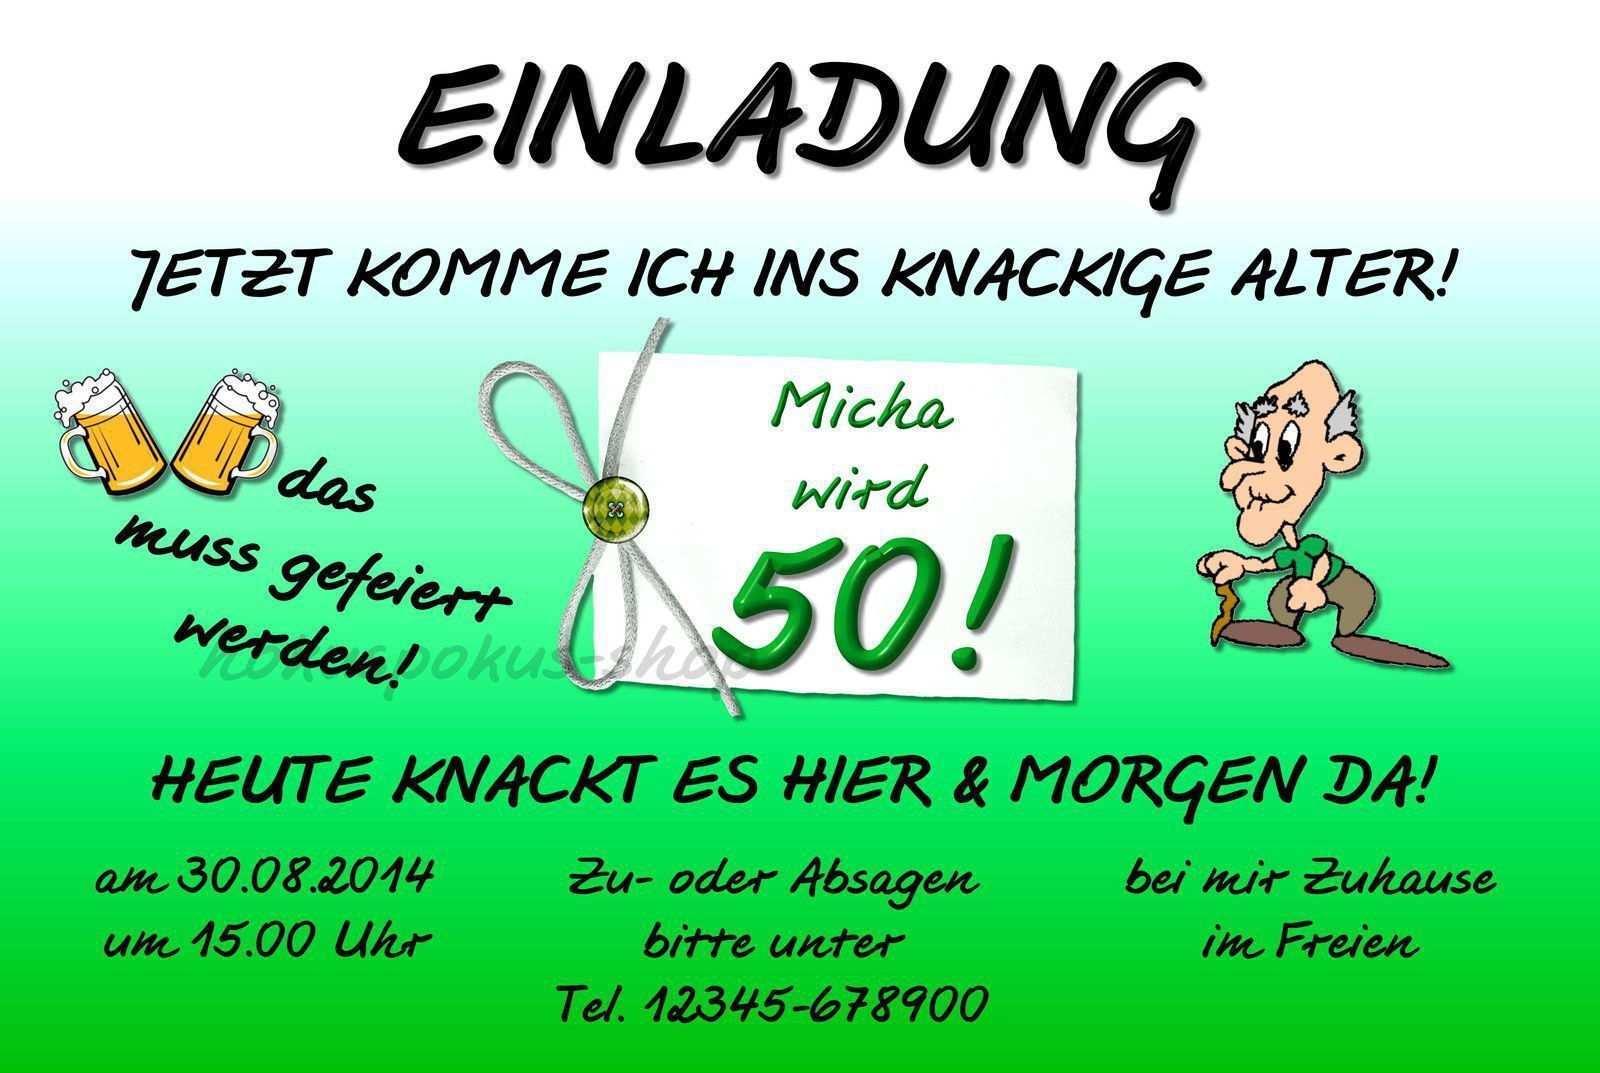 Einladungskarten 60 Geburtstag Vorlagen Kostenlos Einladungskarten 60 Gebu Geburtstag Einladung Vorlage Einladung 50 Geburtstag Einladungskarten Geburtstag